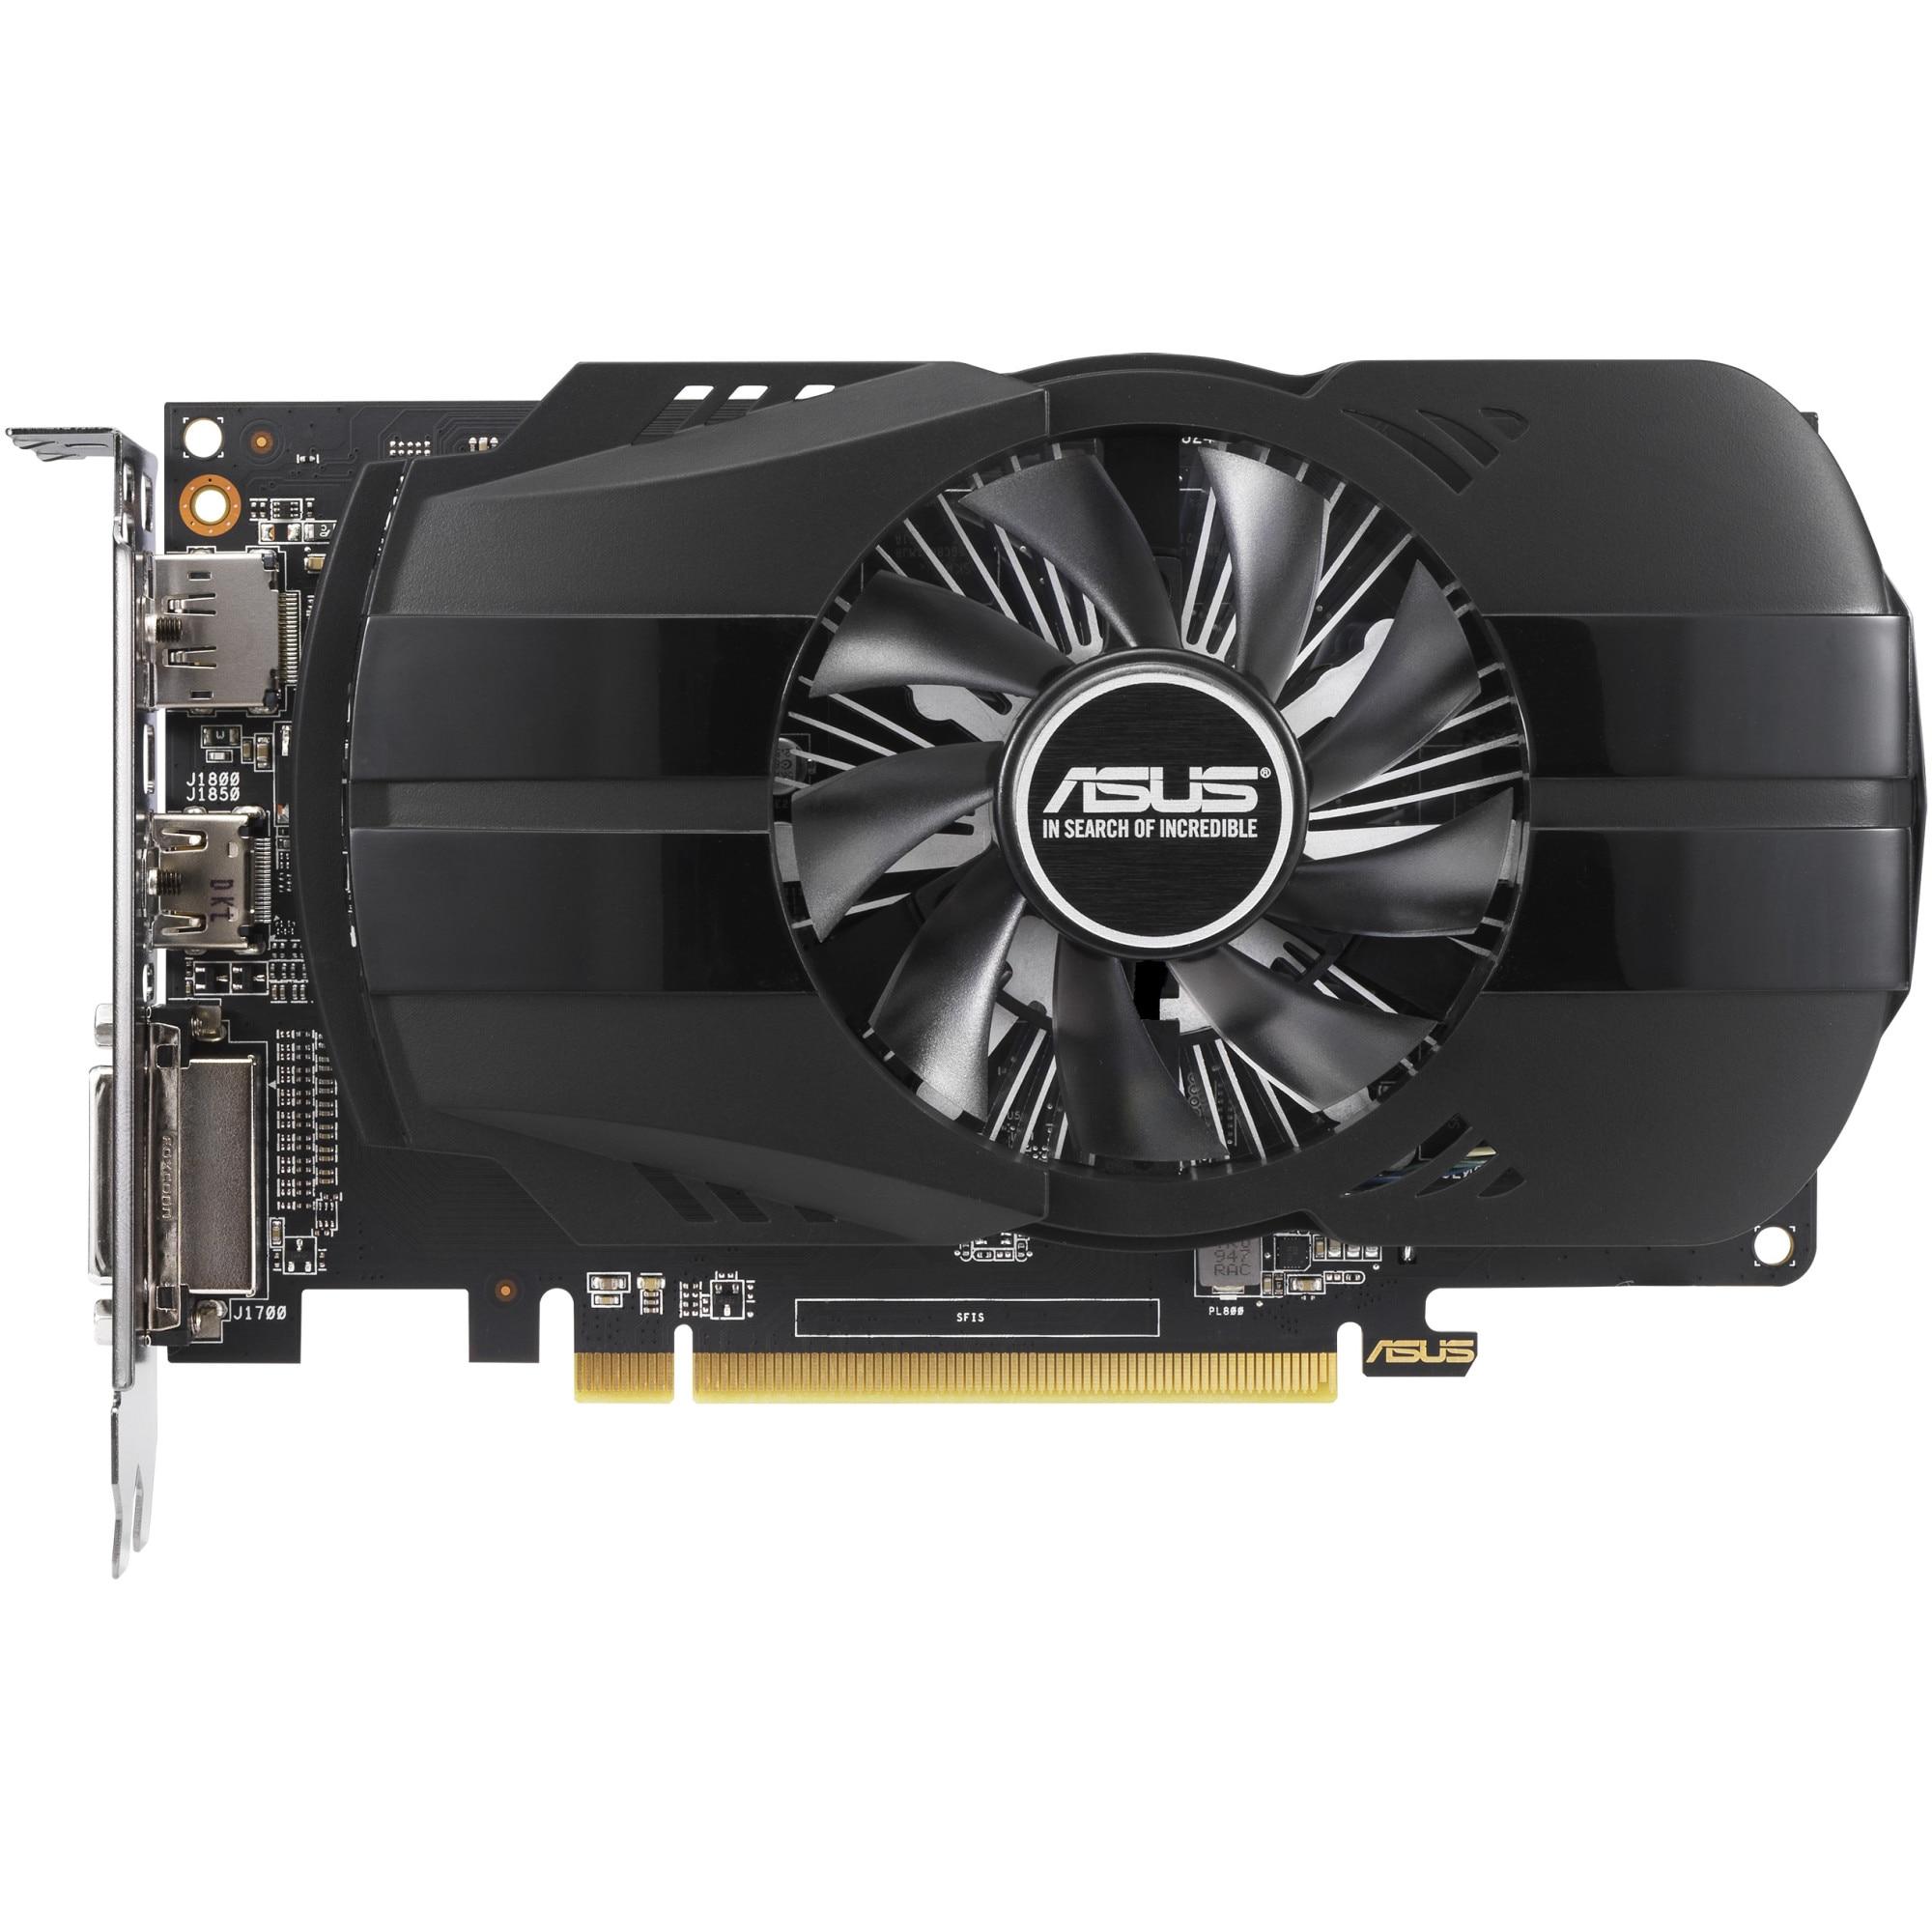 Fotografie Placa video Asus Phoenix Radeon™ RX 550, 4GB GDDR5, 128-bit